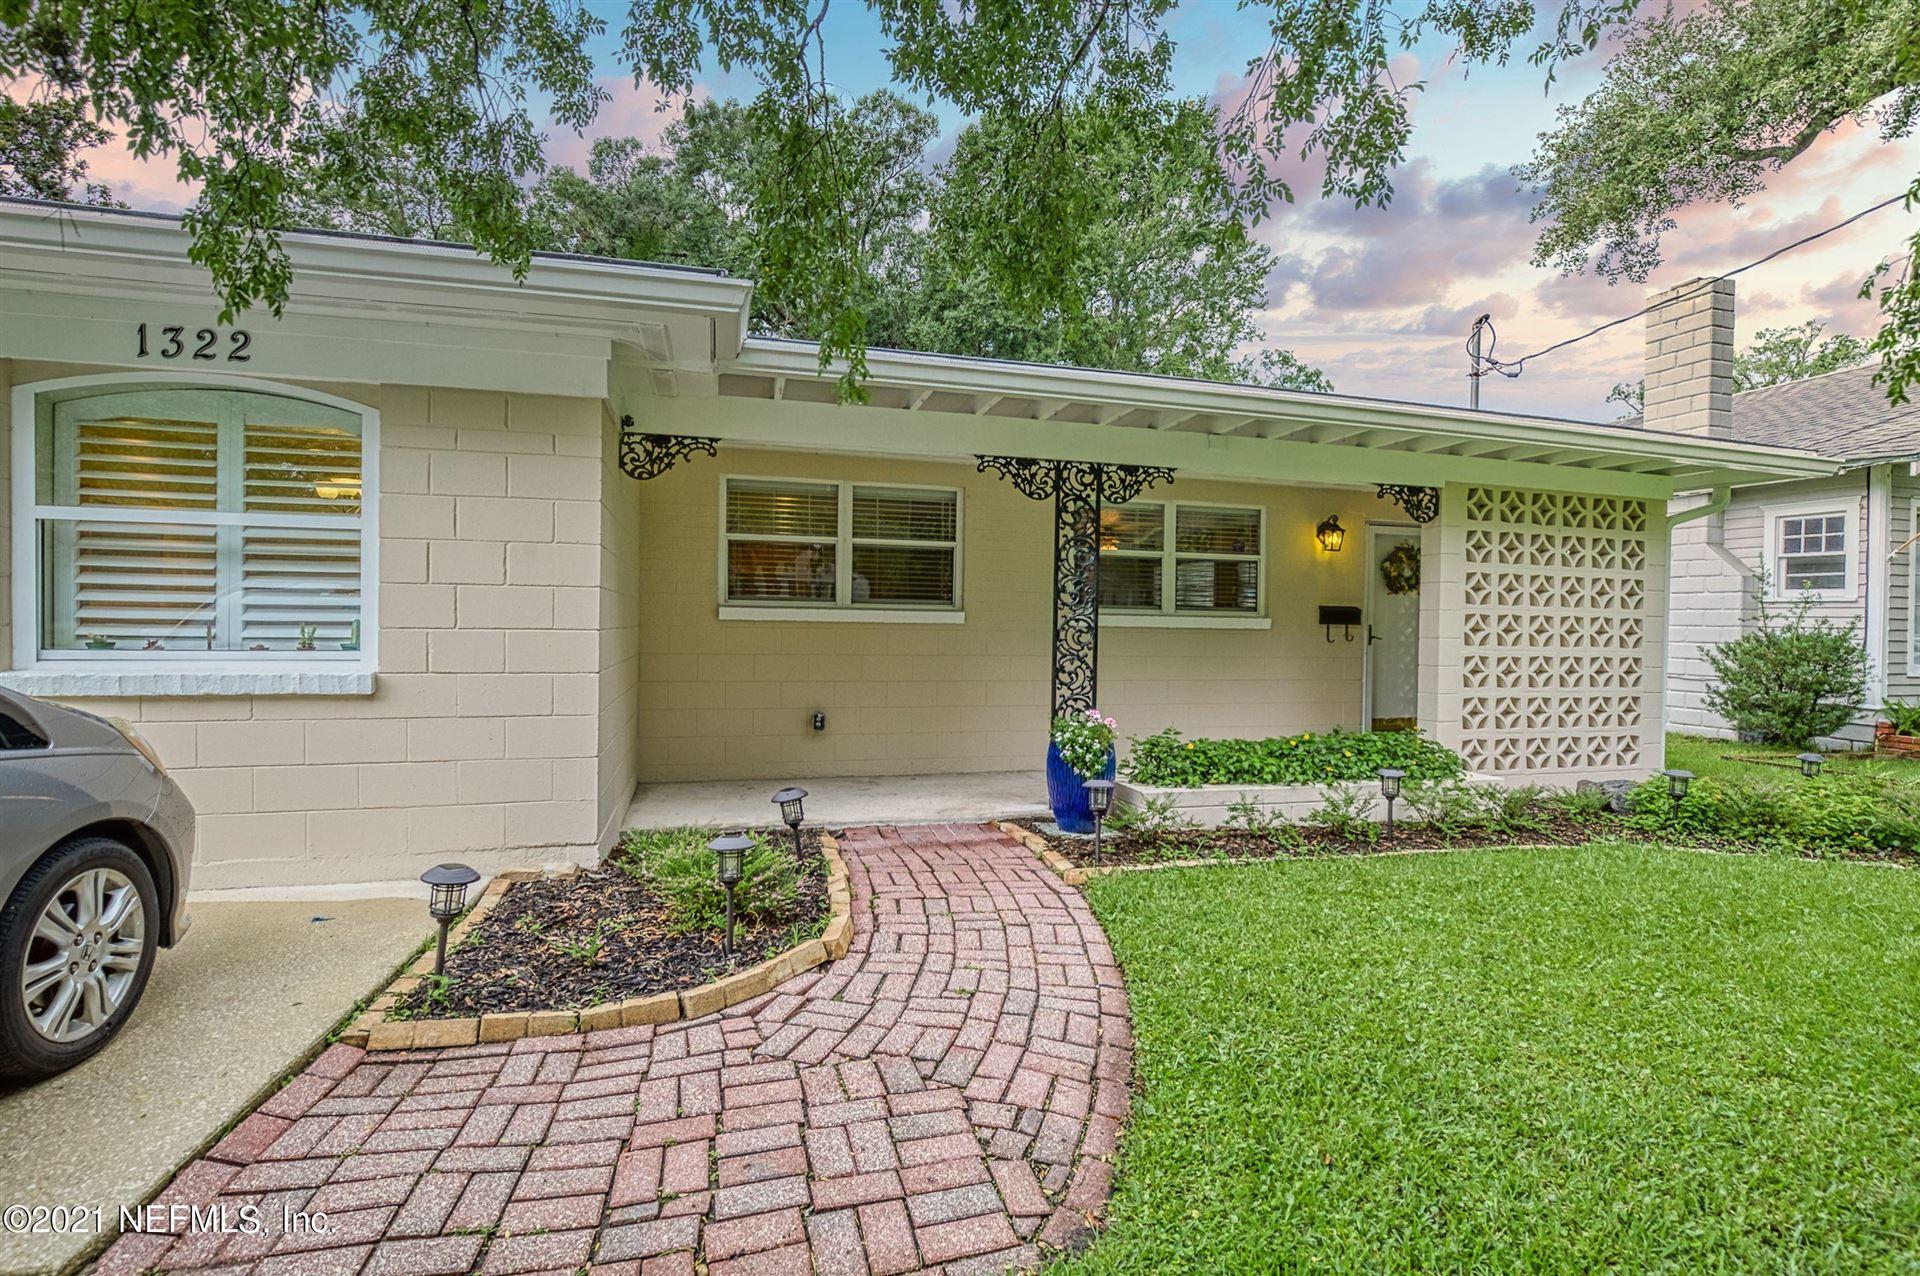 1322 WOLFE ST, Jacksonville, FL 32205 - MLS#: 1105507